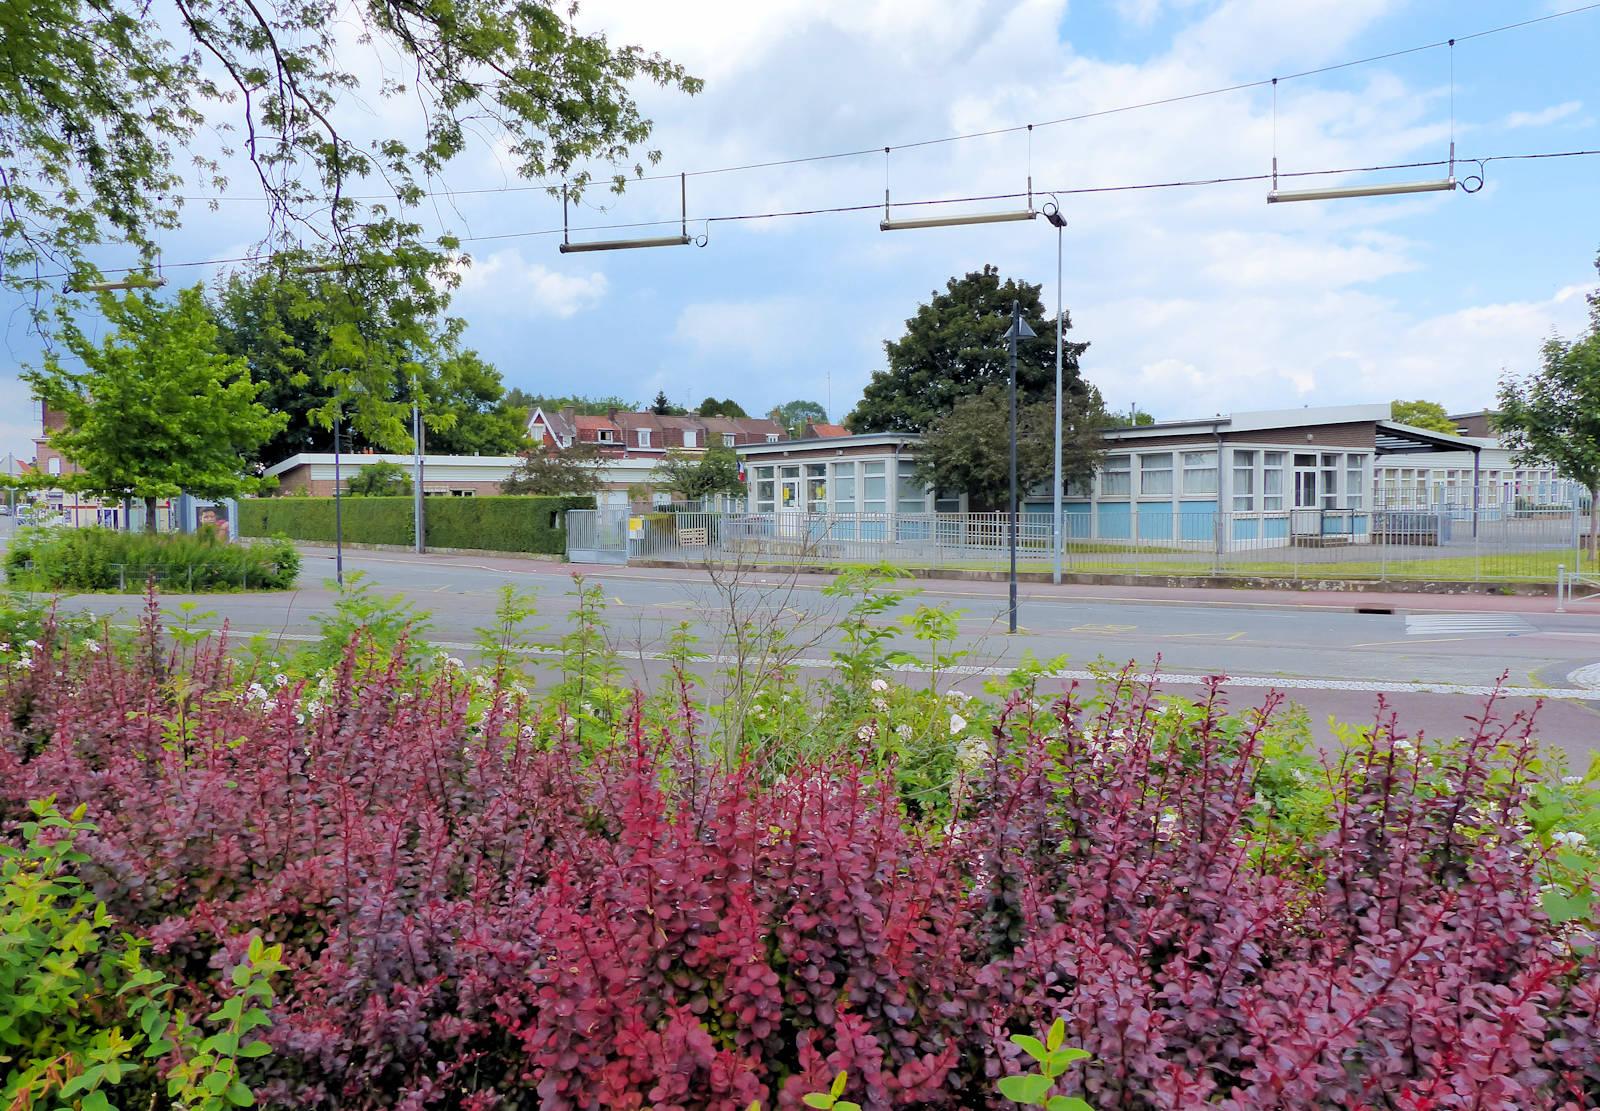 École maternelle publique Paul Claudel, Tourcoing - Rue du Pont de Neuville